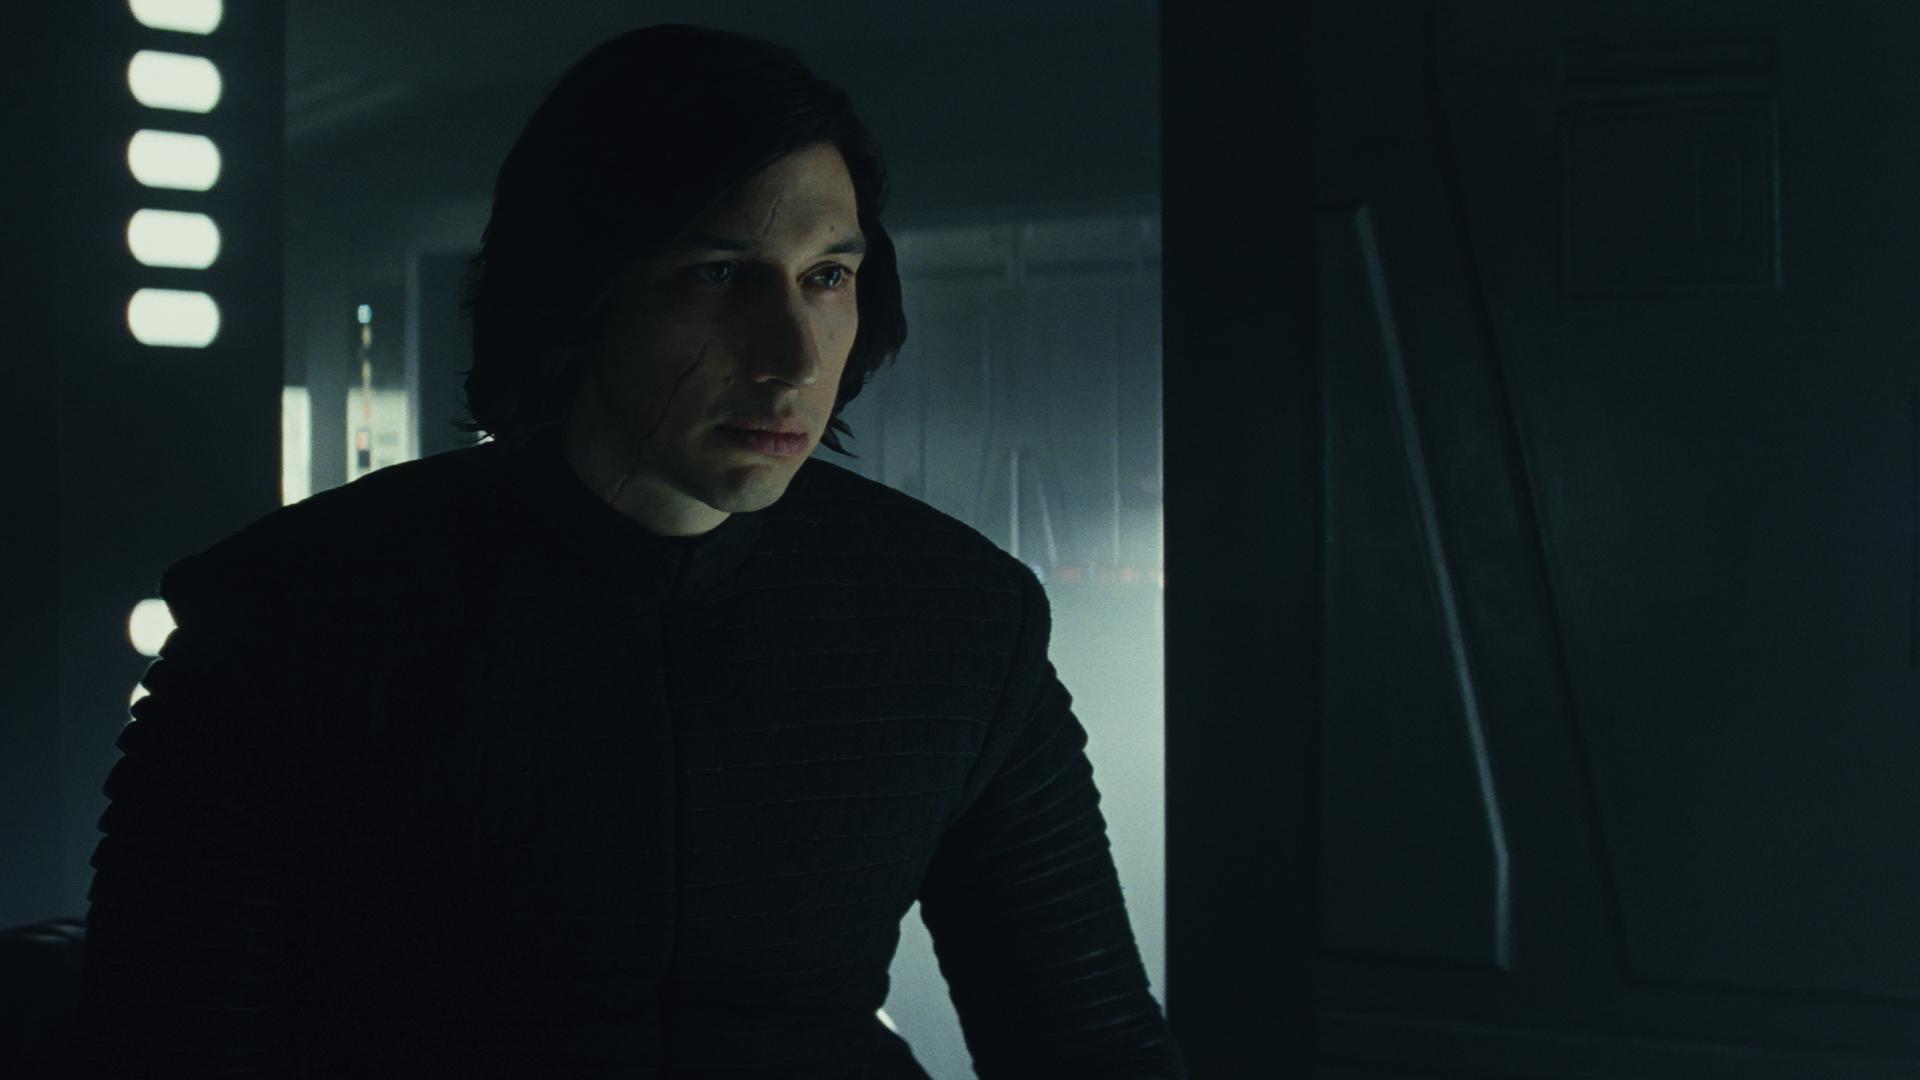 Star Wars - Die letzten Jedi: Viel Luke und zu viel Unfug - Kylo Ren macht weiter Jagd auf seine eigene Familie. (Bild: Disney/Lucasfilm)